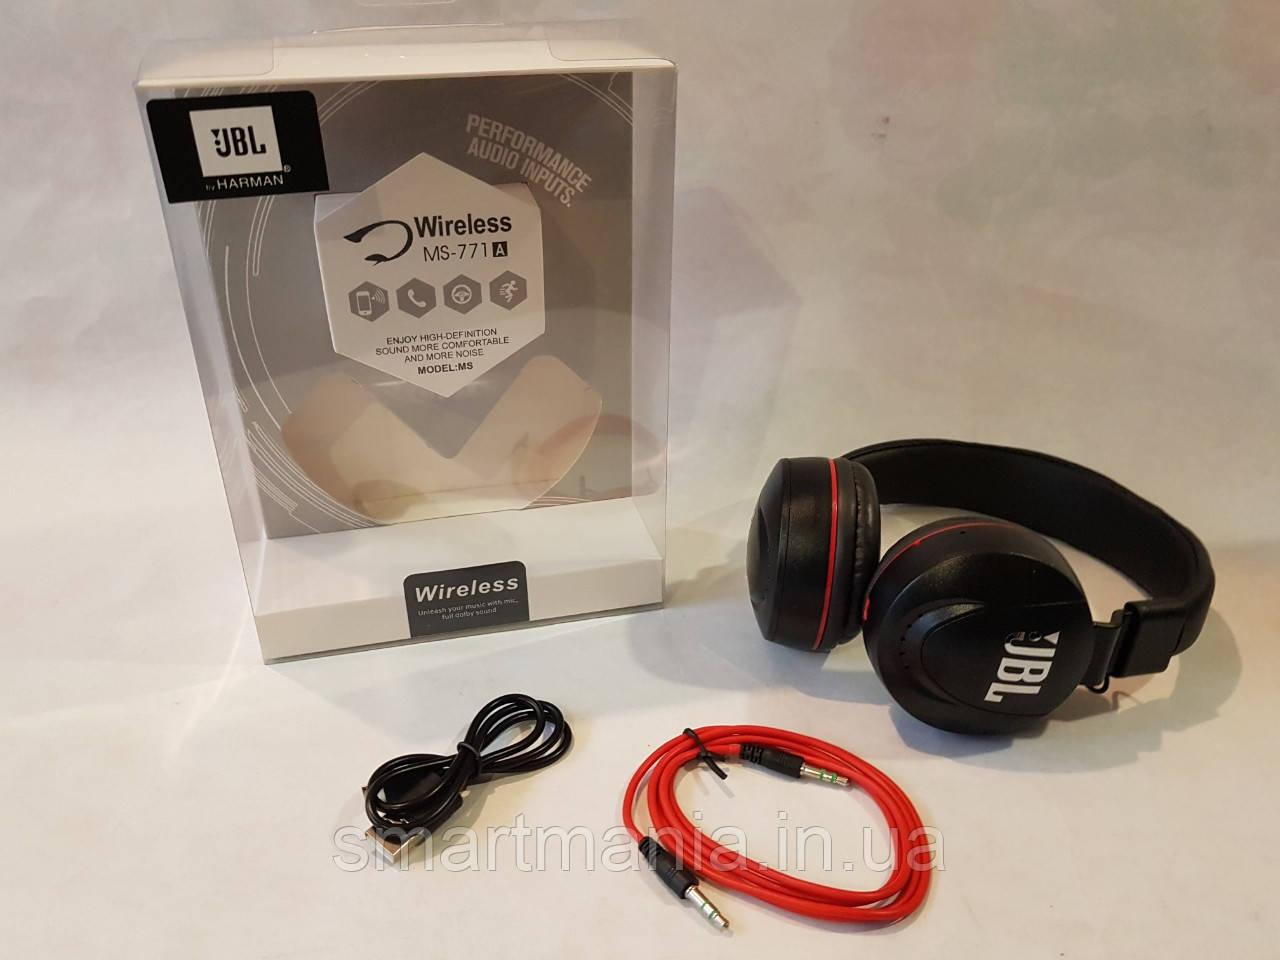 Наушники JBL MS-771 Bluetooth, блютуз наушники безпроводные Реплика